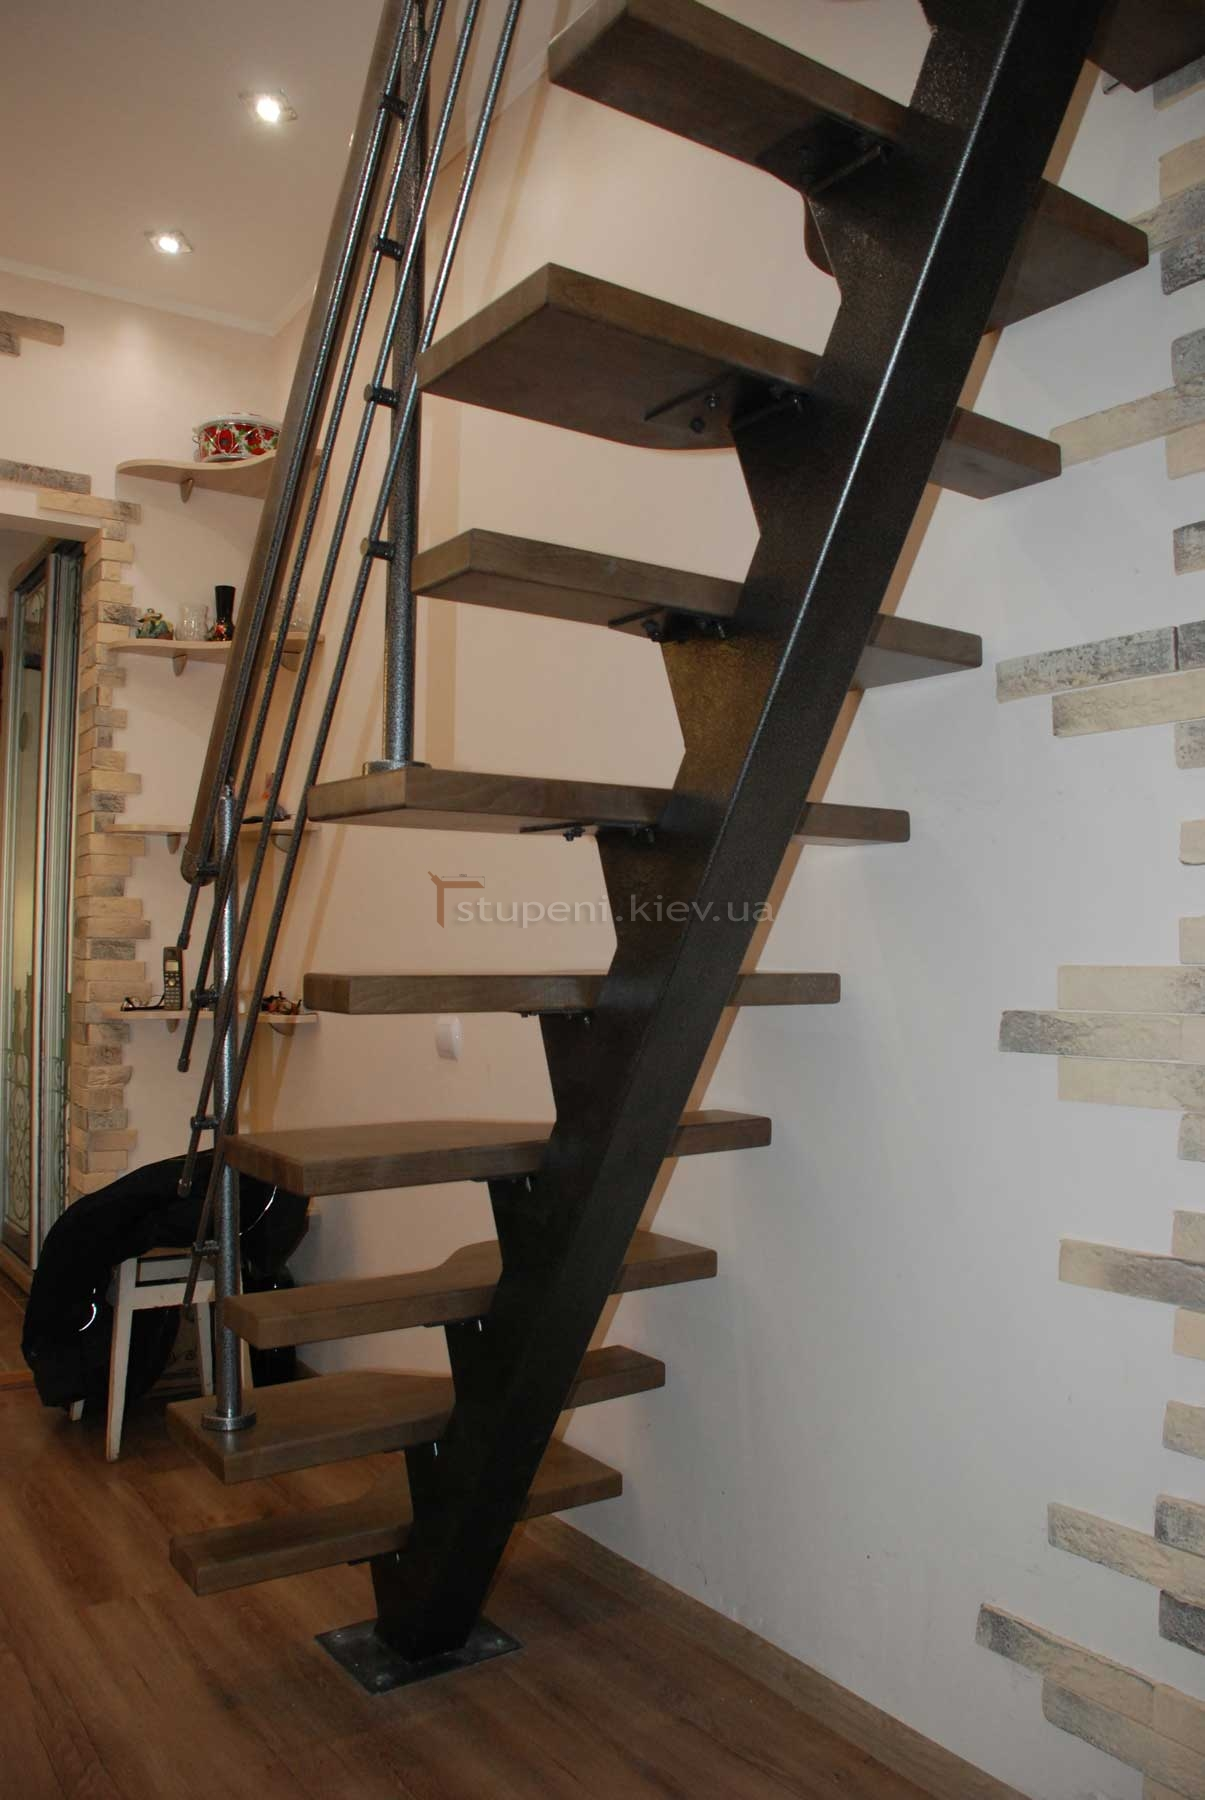 Лестница своими руками из метала на одном косоуре фото 243